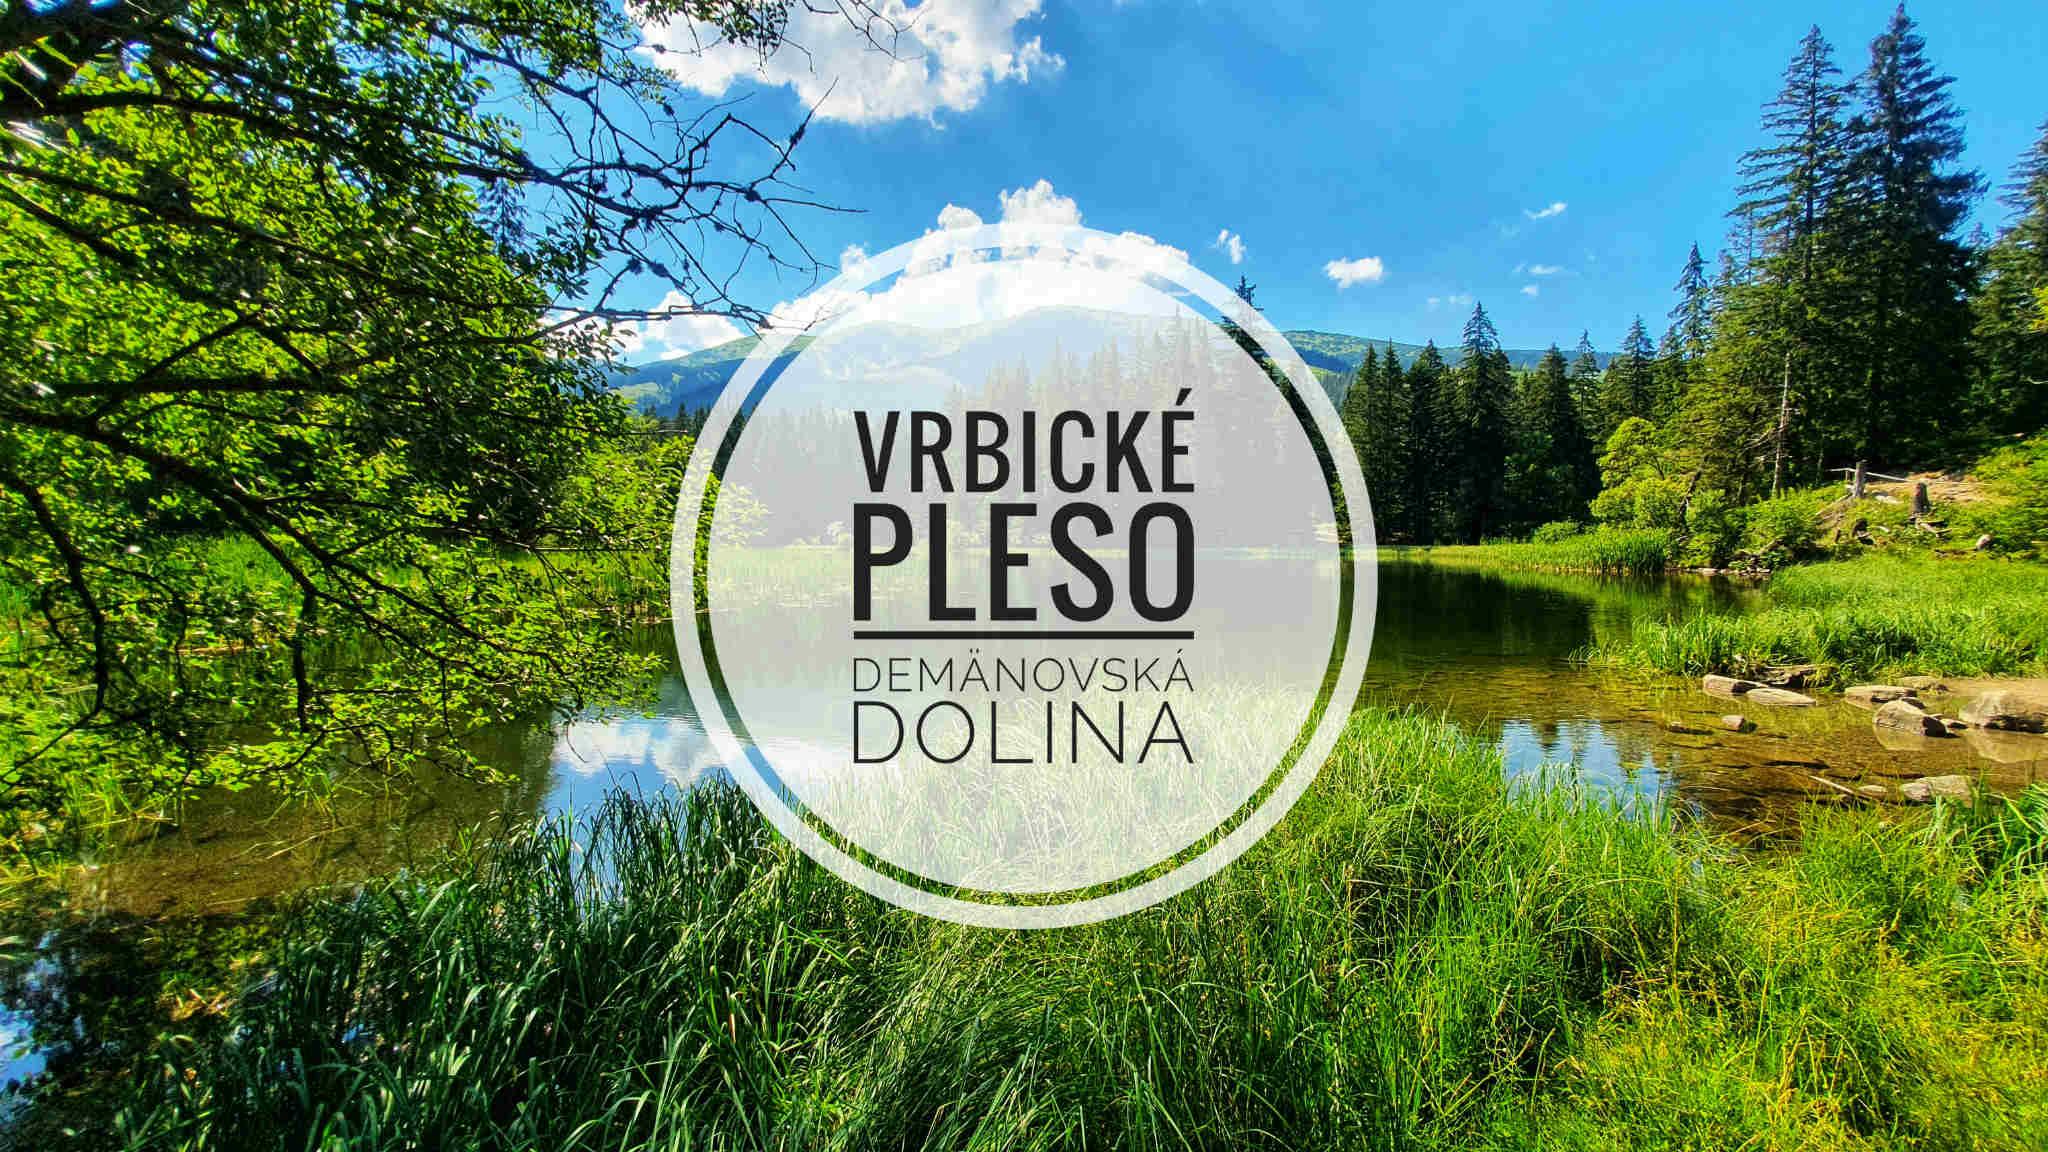 Vrbické pleso a Demänovská dolina